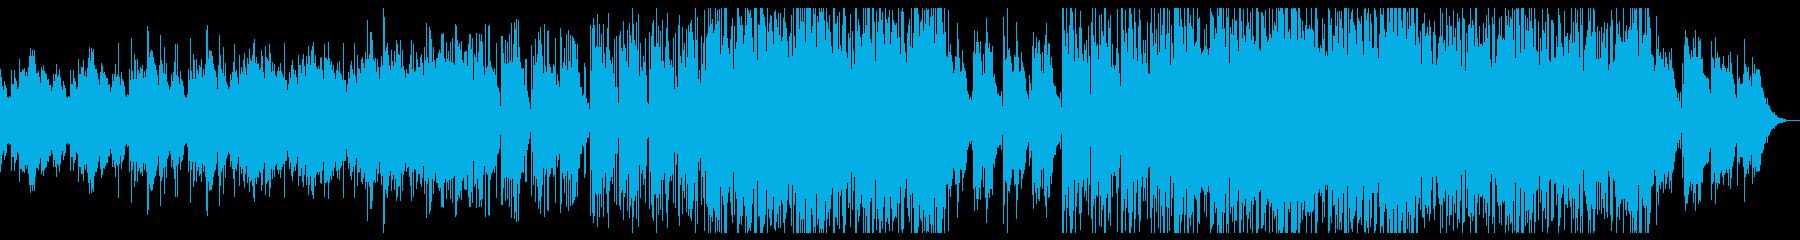 アジアンテイストのレトロテクノBGMの再生済みの波形